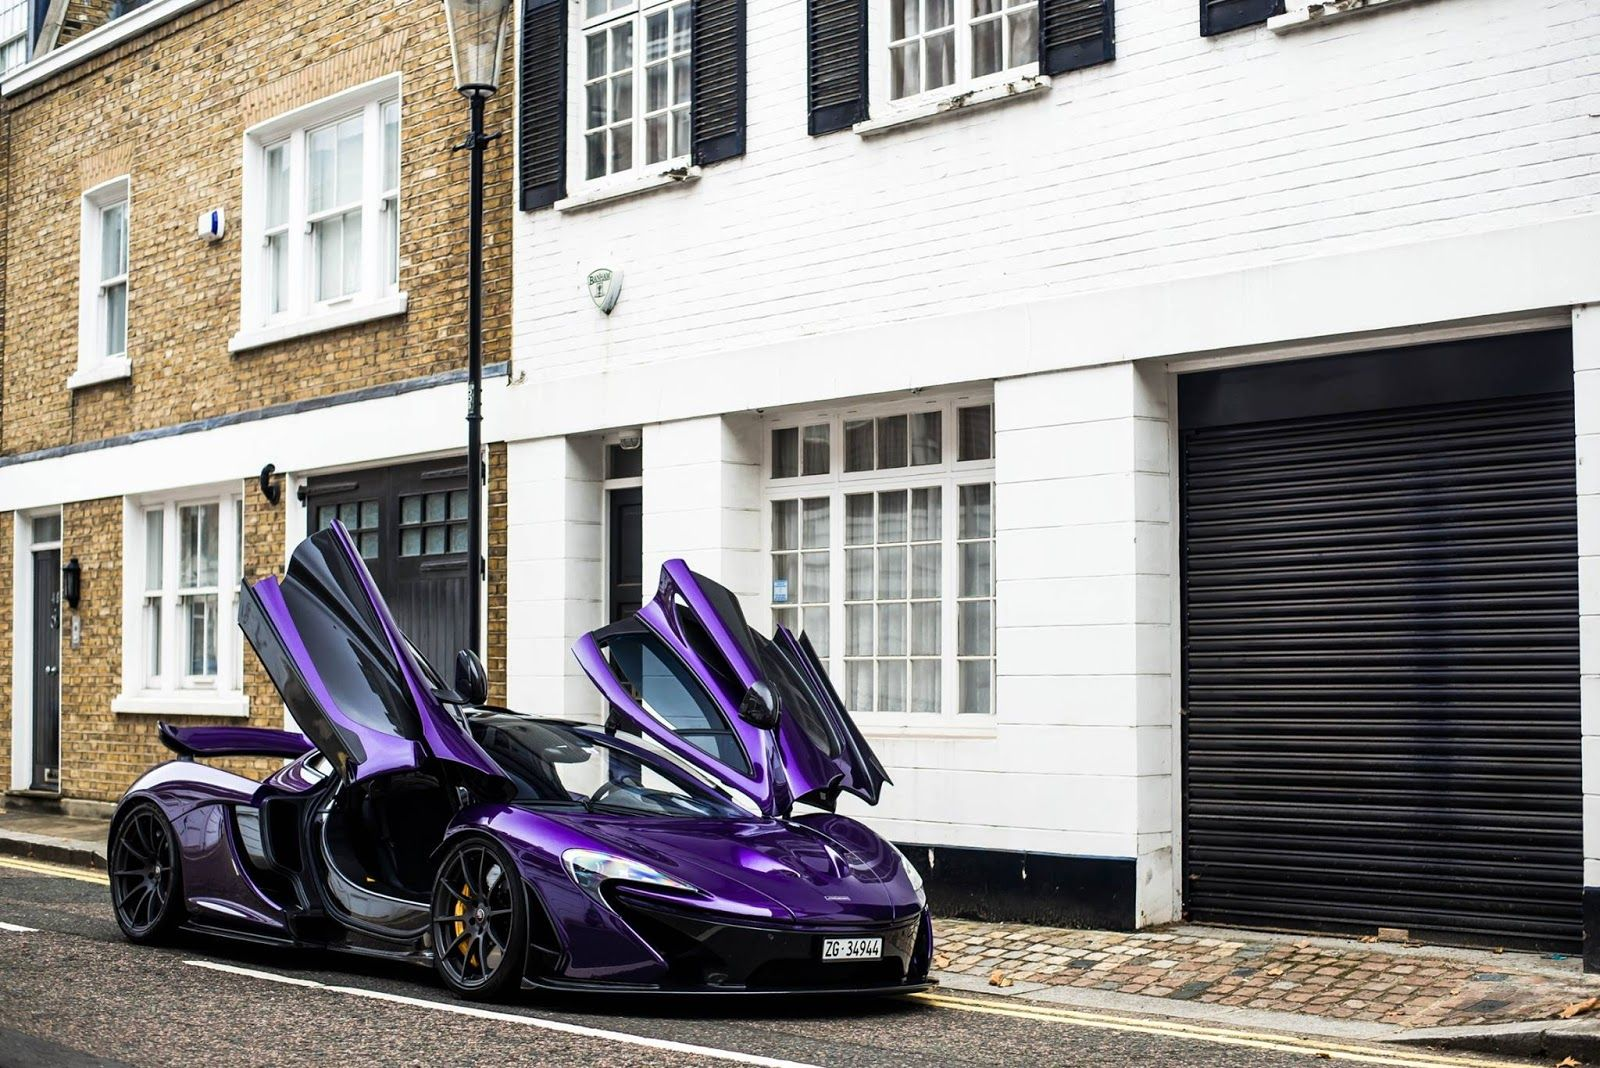 Amazing Purple Carbon Fiber Mclaren P1 Lands In London Carscoops Mclaren P1 Mclaren Mclaren Gtr